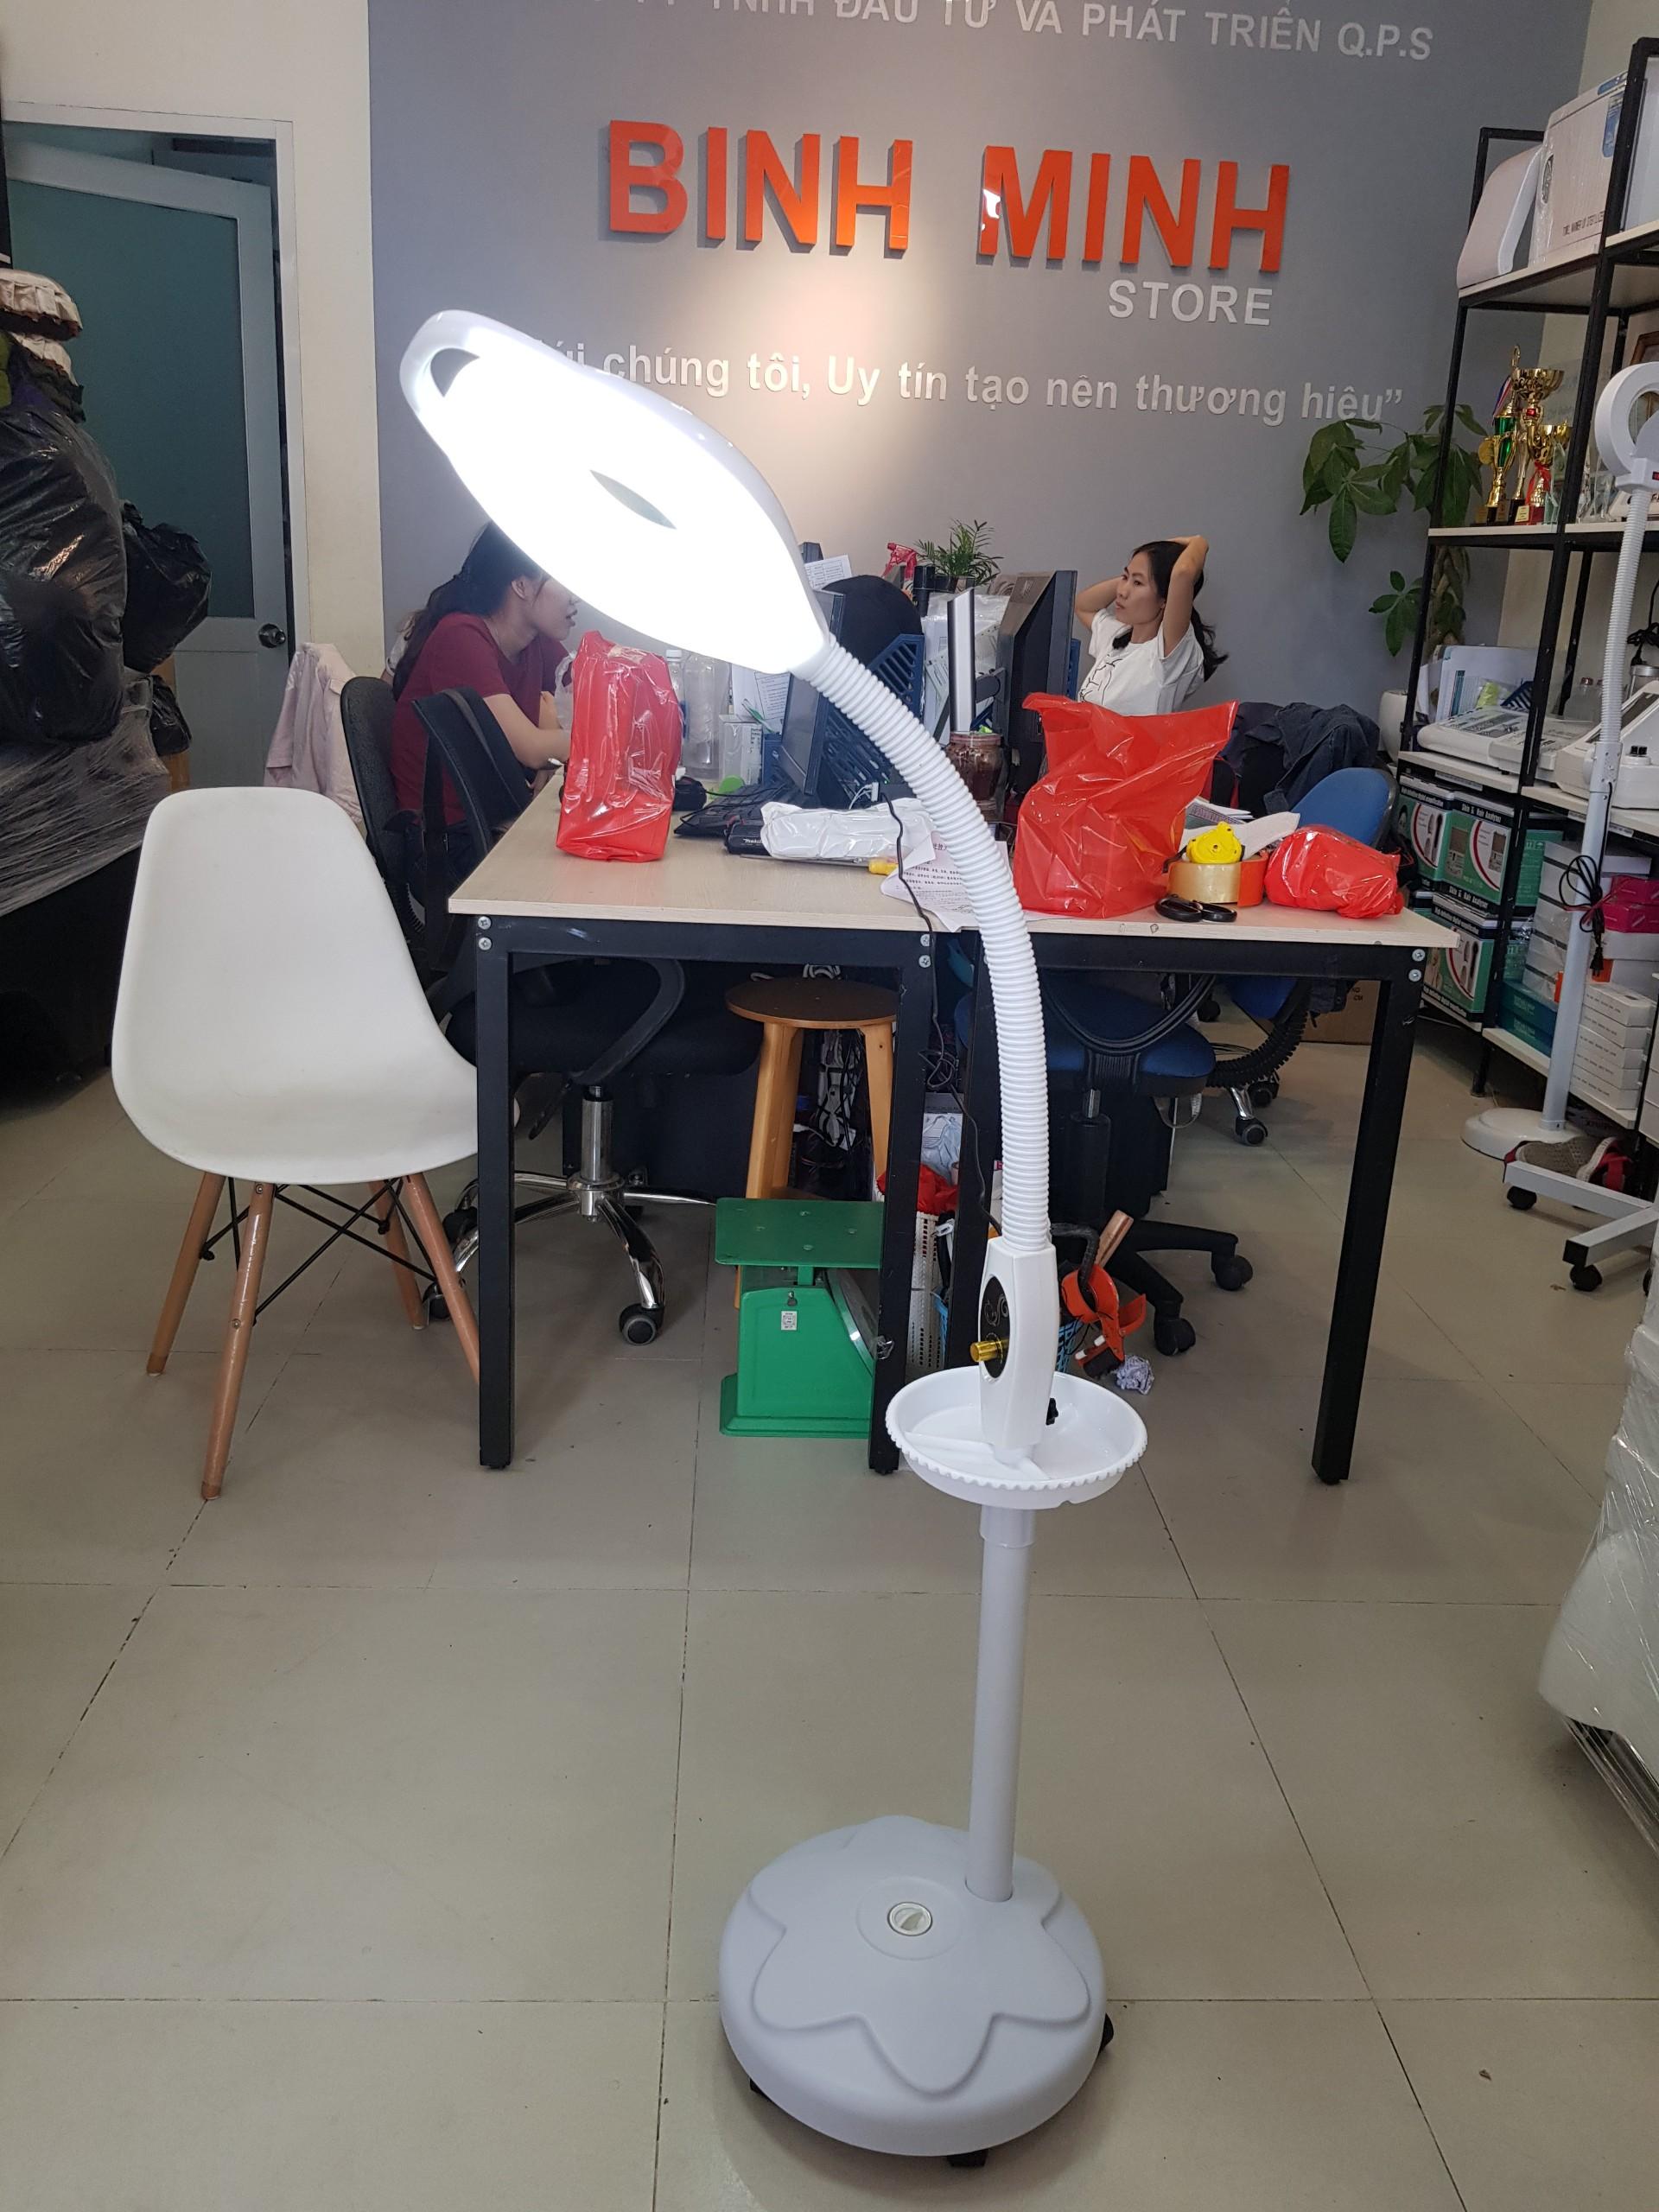 ĐÈN LED SOI DA LOẠI MỚI 90 LED ĐIỀU CHỈNH ĐỘ SÁNG H9003